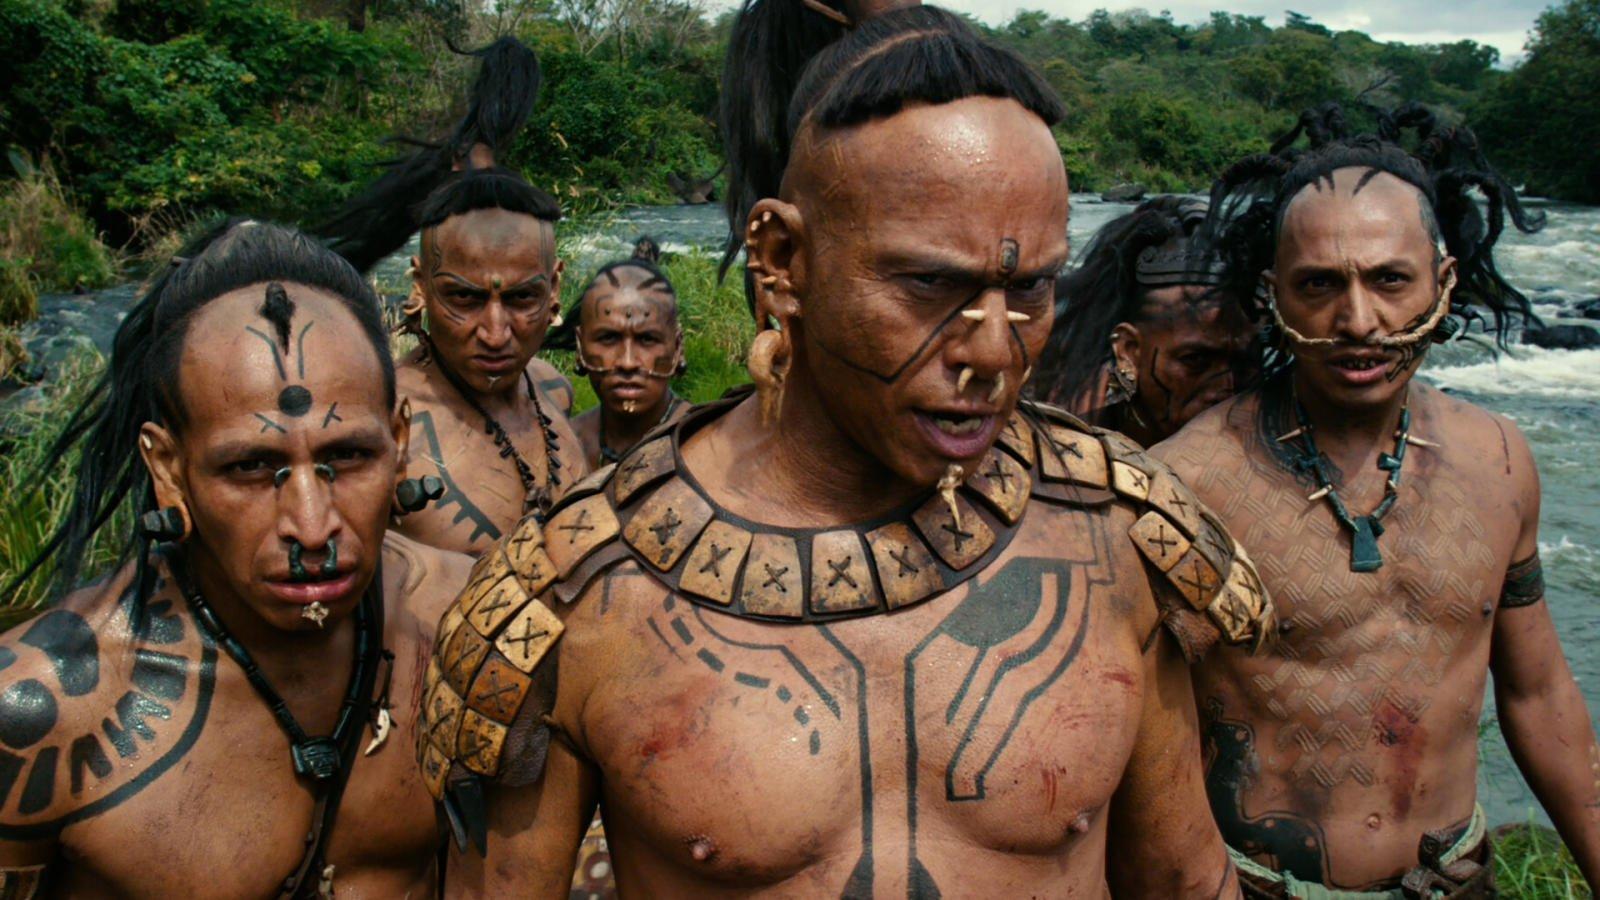 5 фильмов, которые надо посмотреть до Апокалипсиса 23 сентября фильмы об апокалипсисе фильмы про конец света отвратительные мужики disgusting men